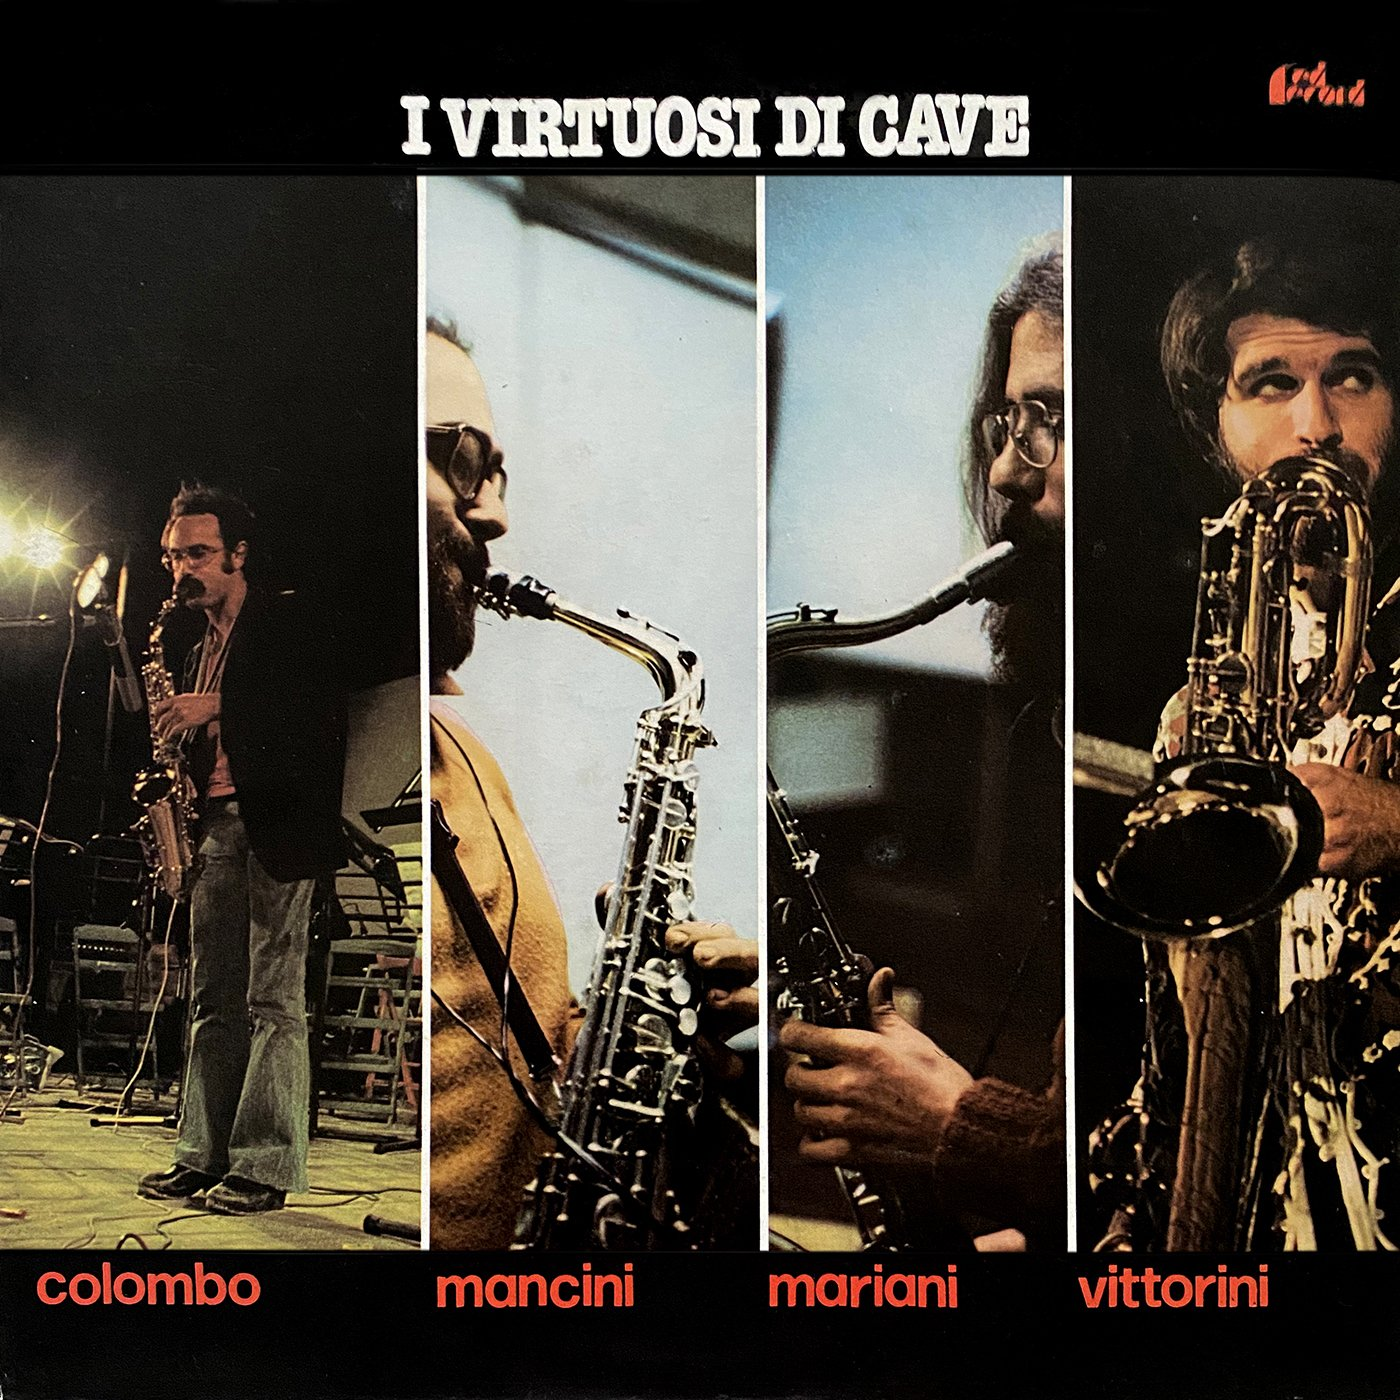 I Virtuosi Di Cave - I Virtuosi Di Cave